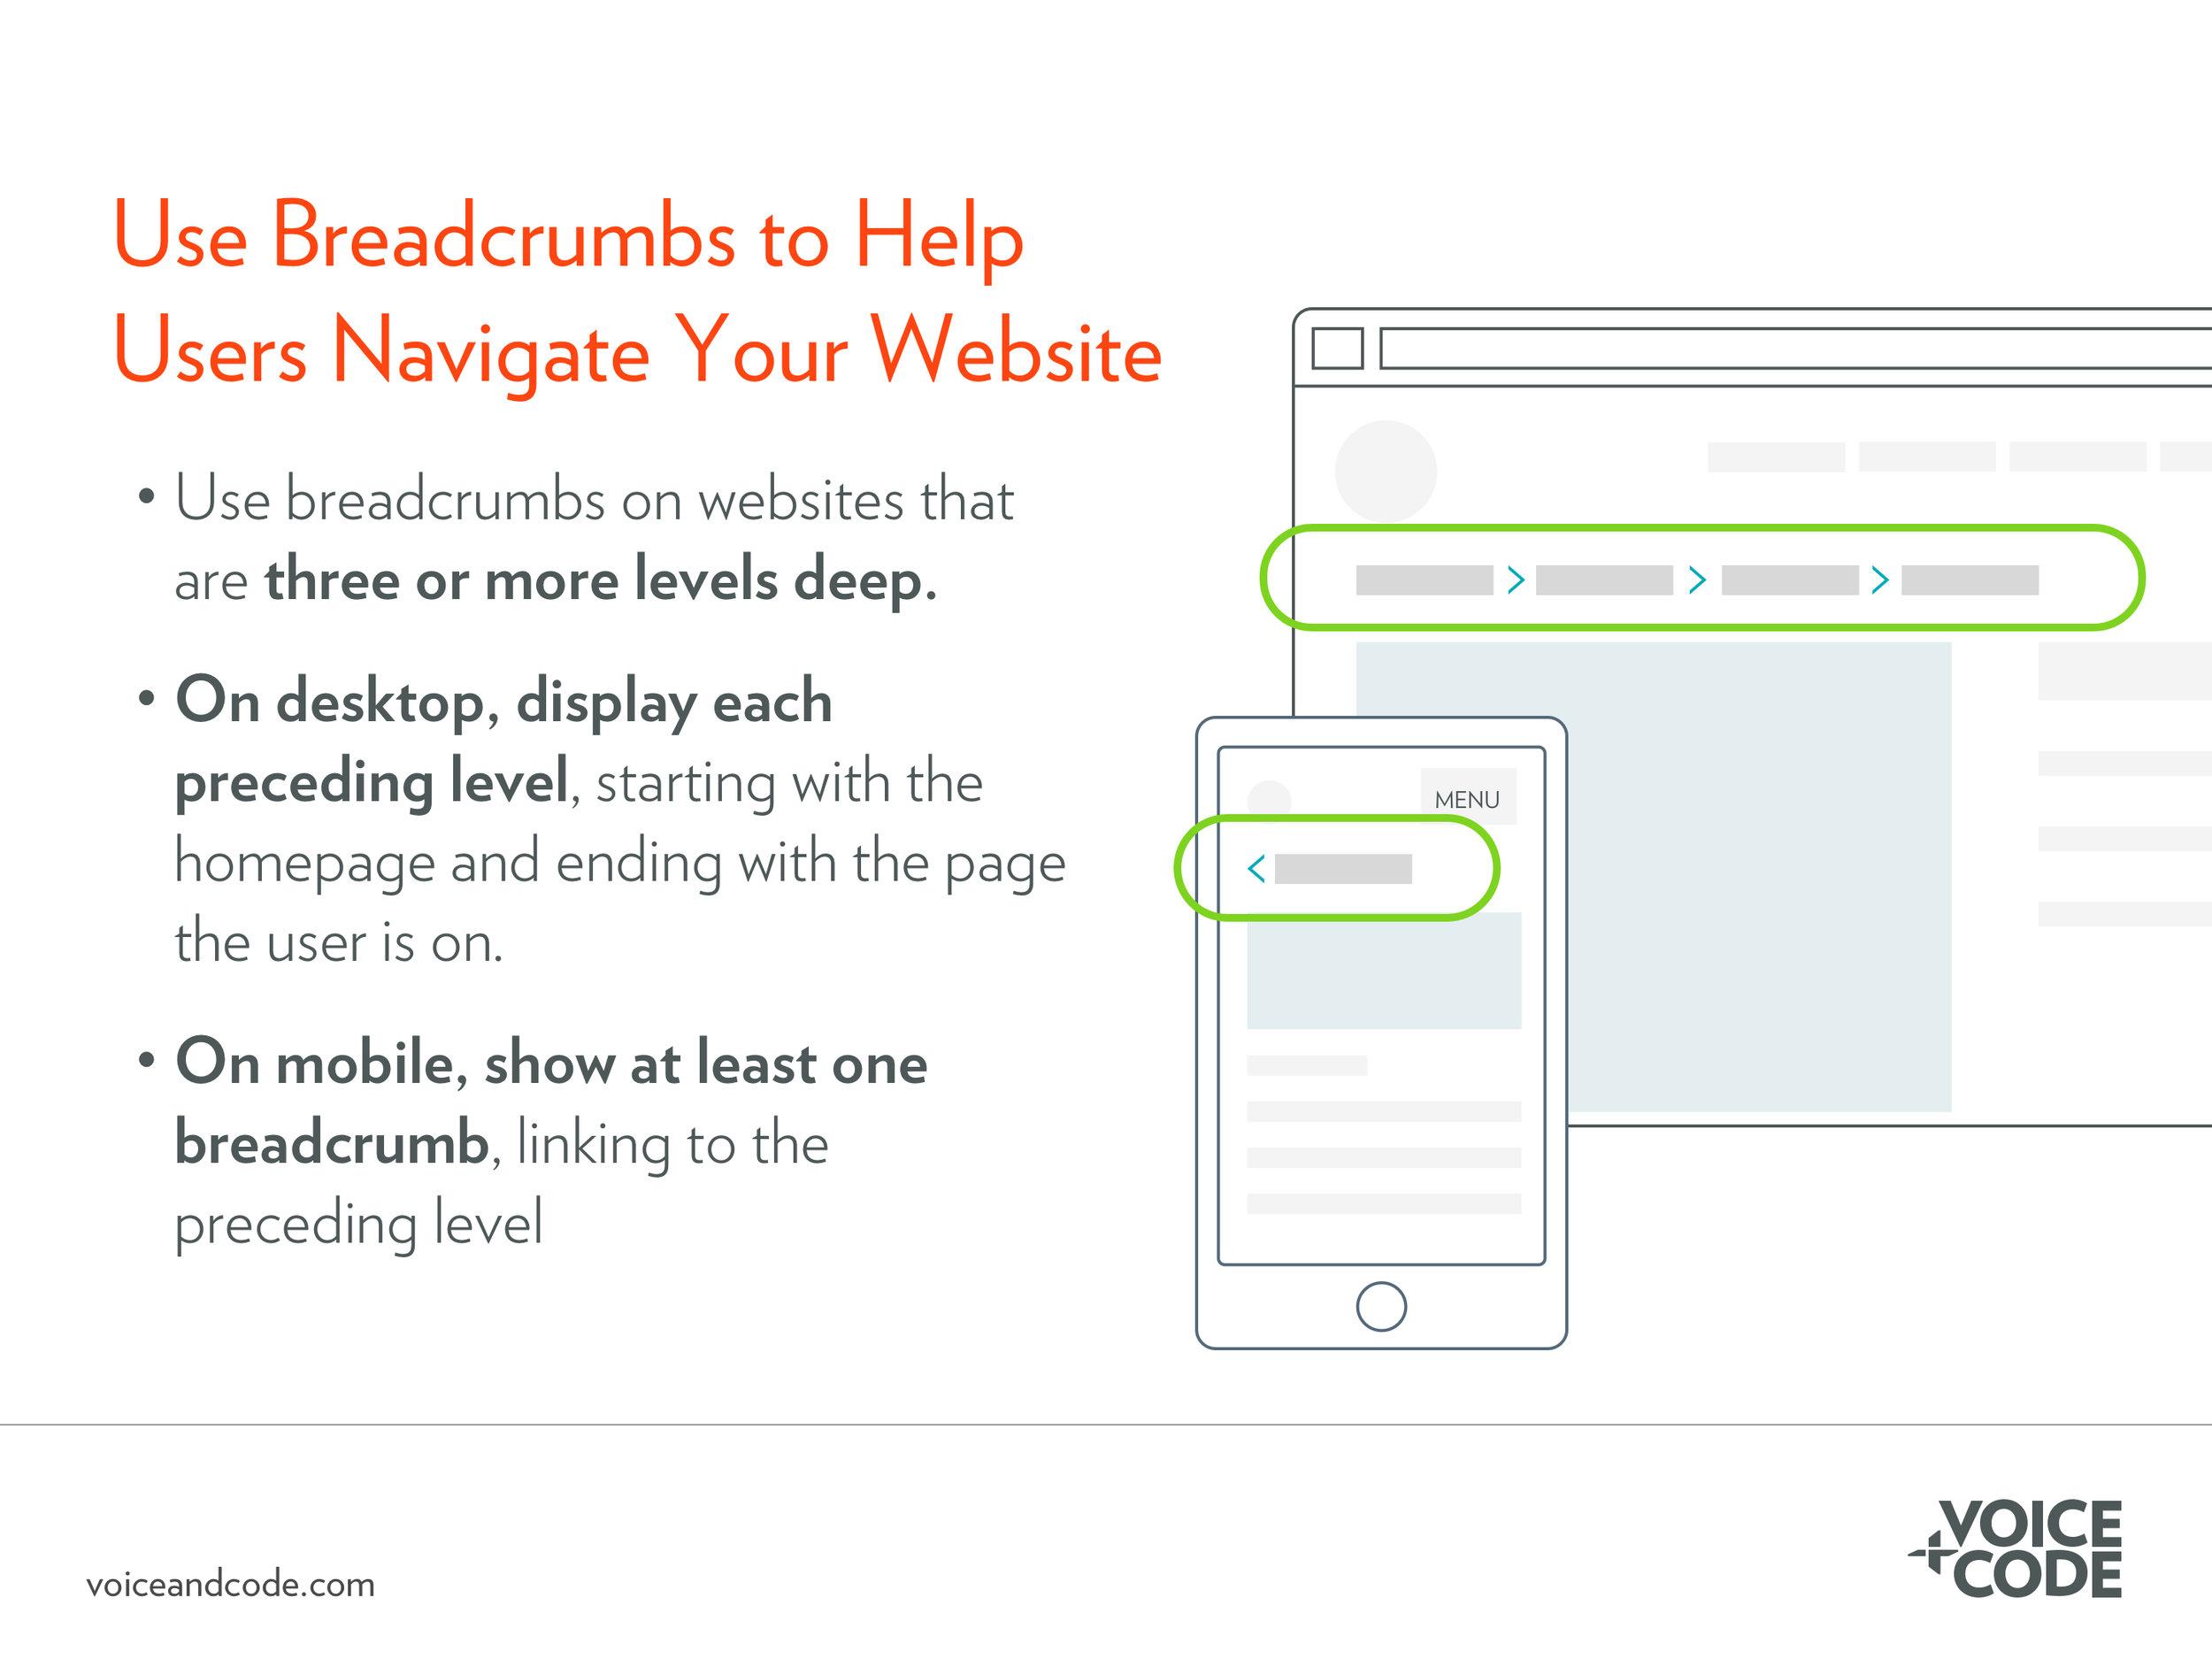 Breadcrumbs help users navigate a website